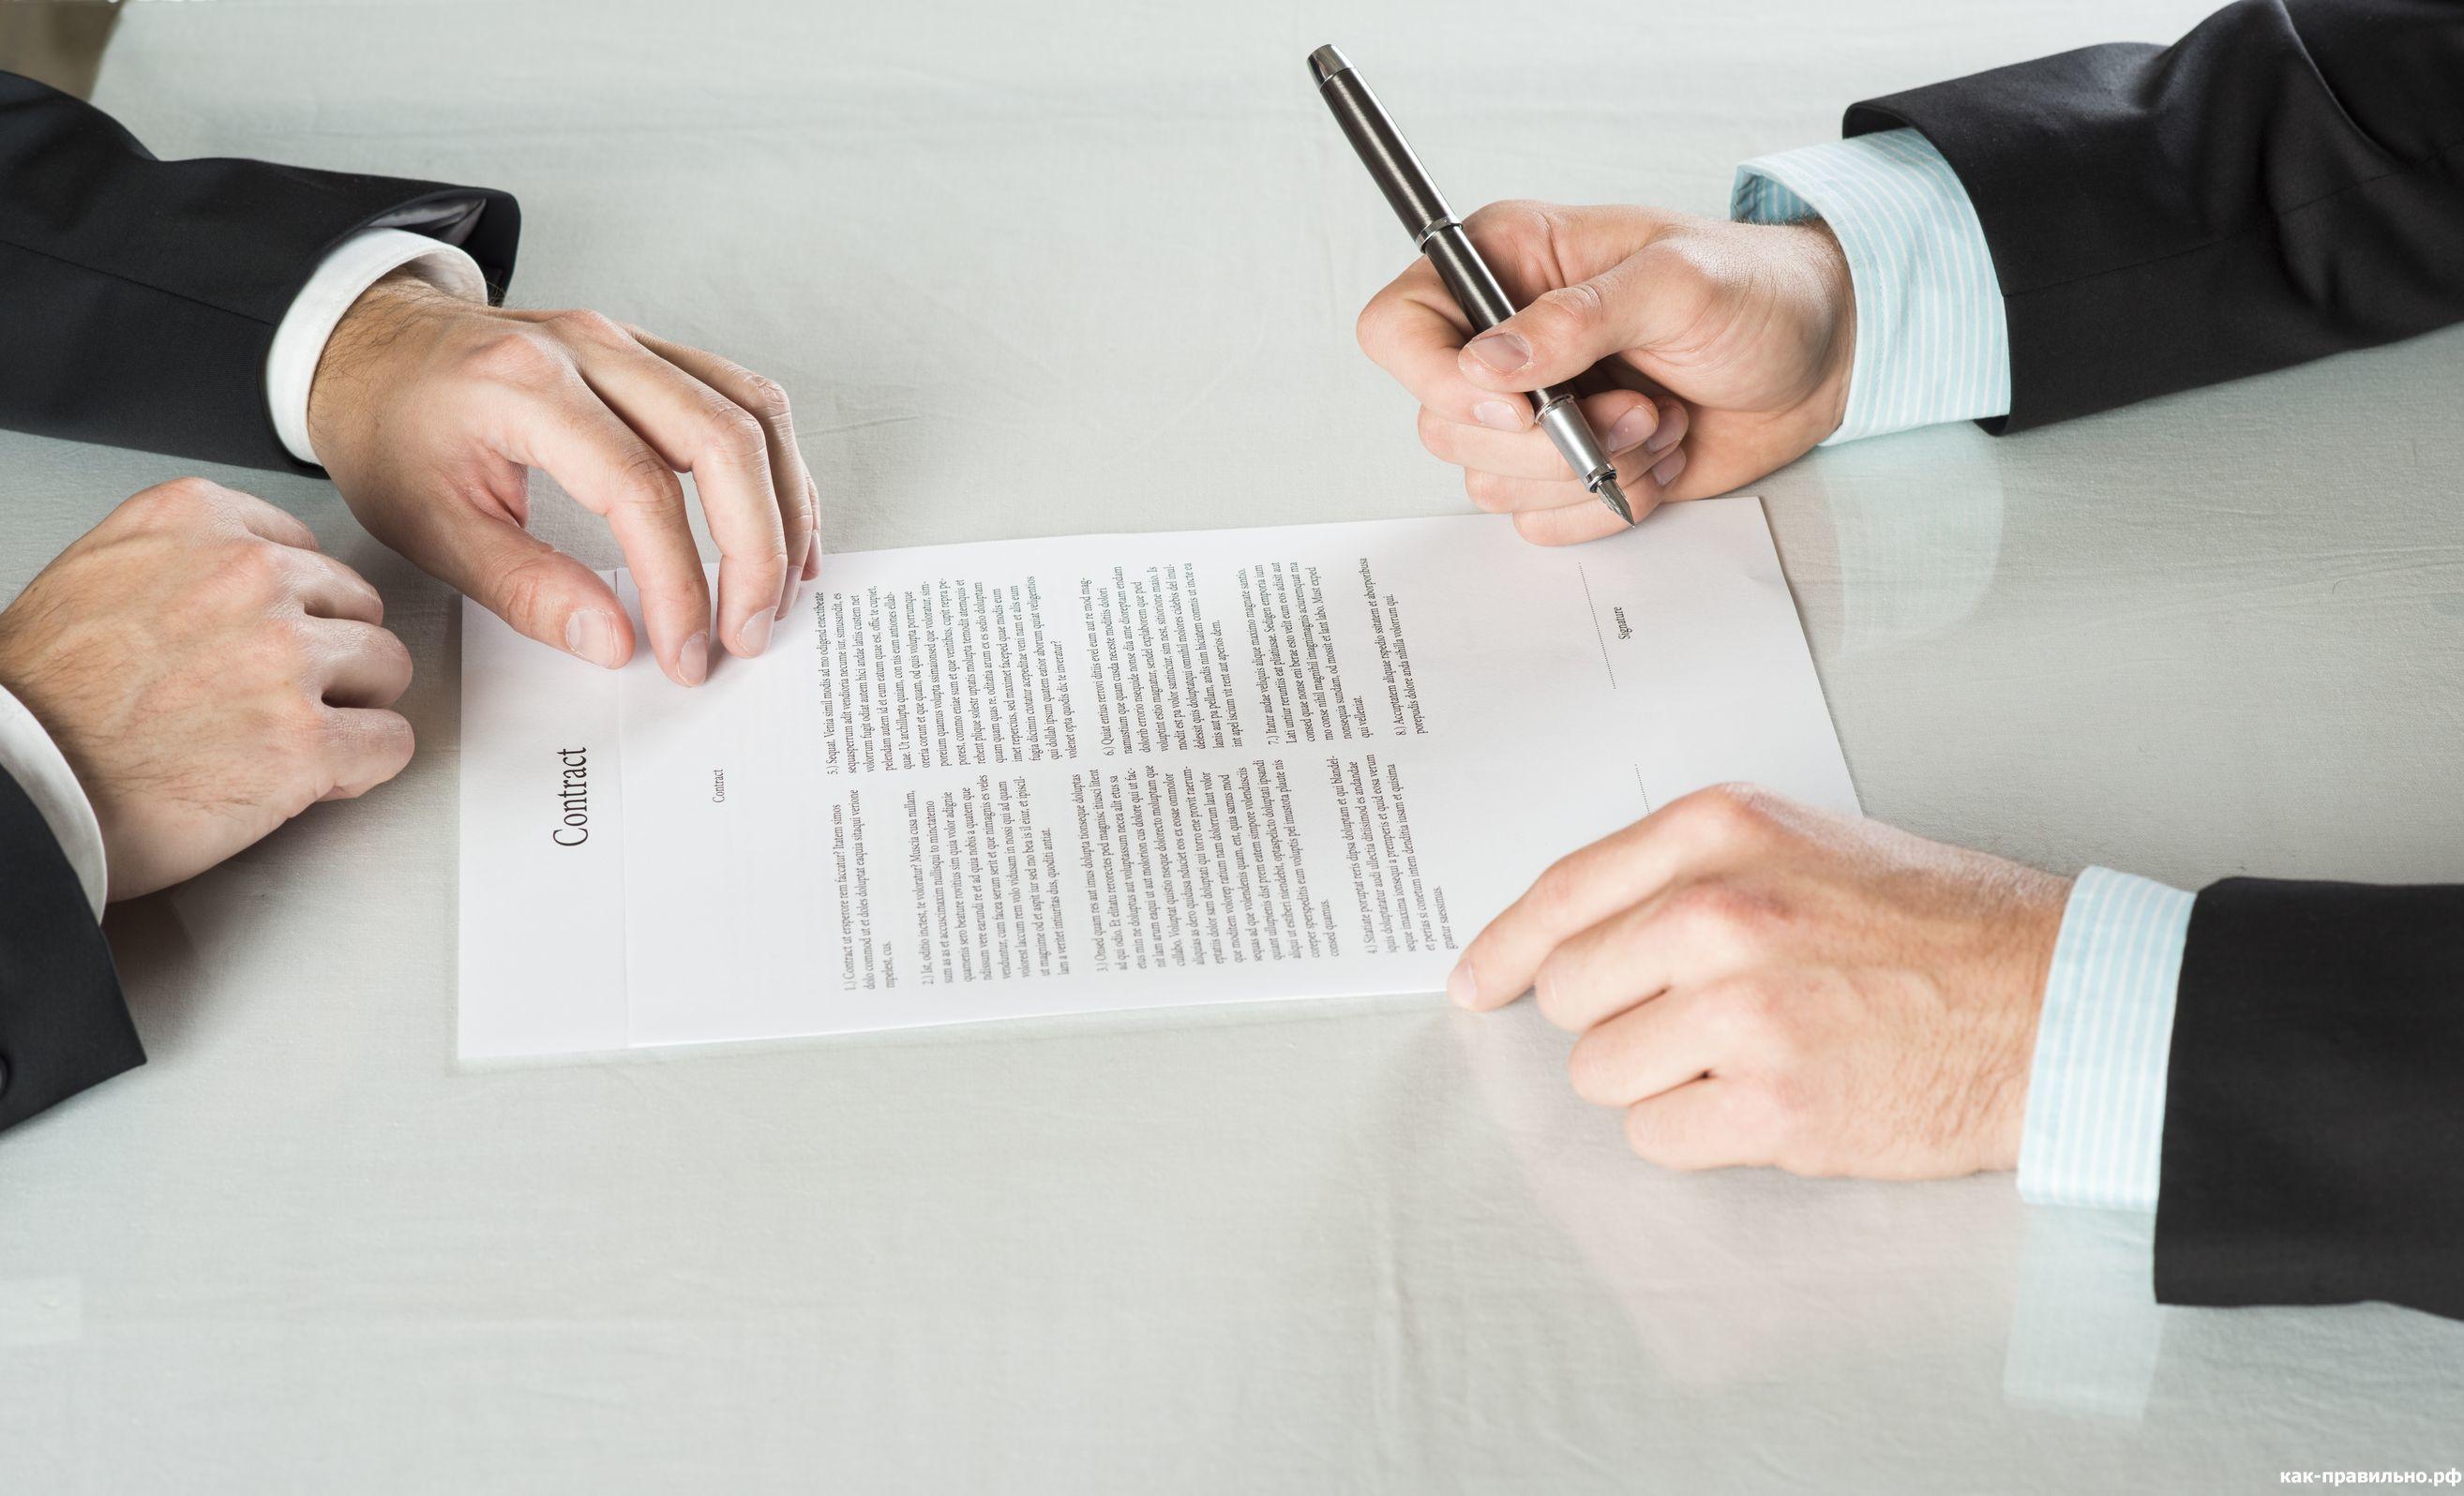 Договор купли продажи между физическими лицами образец